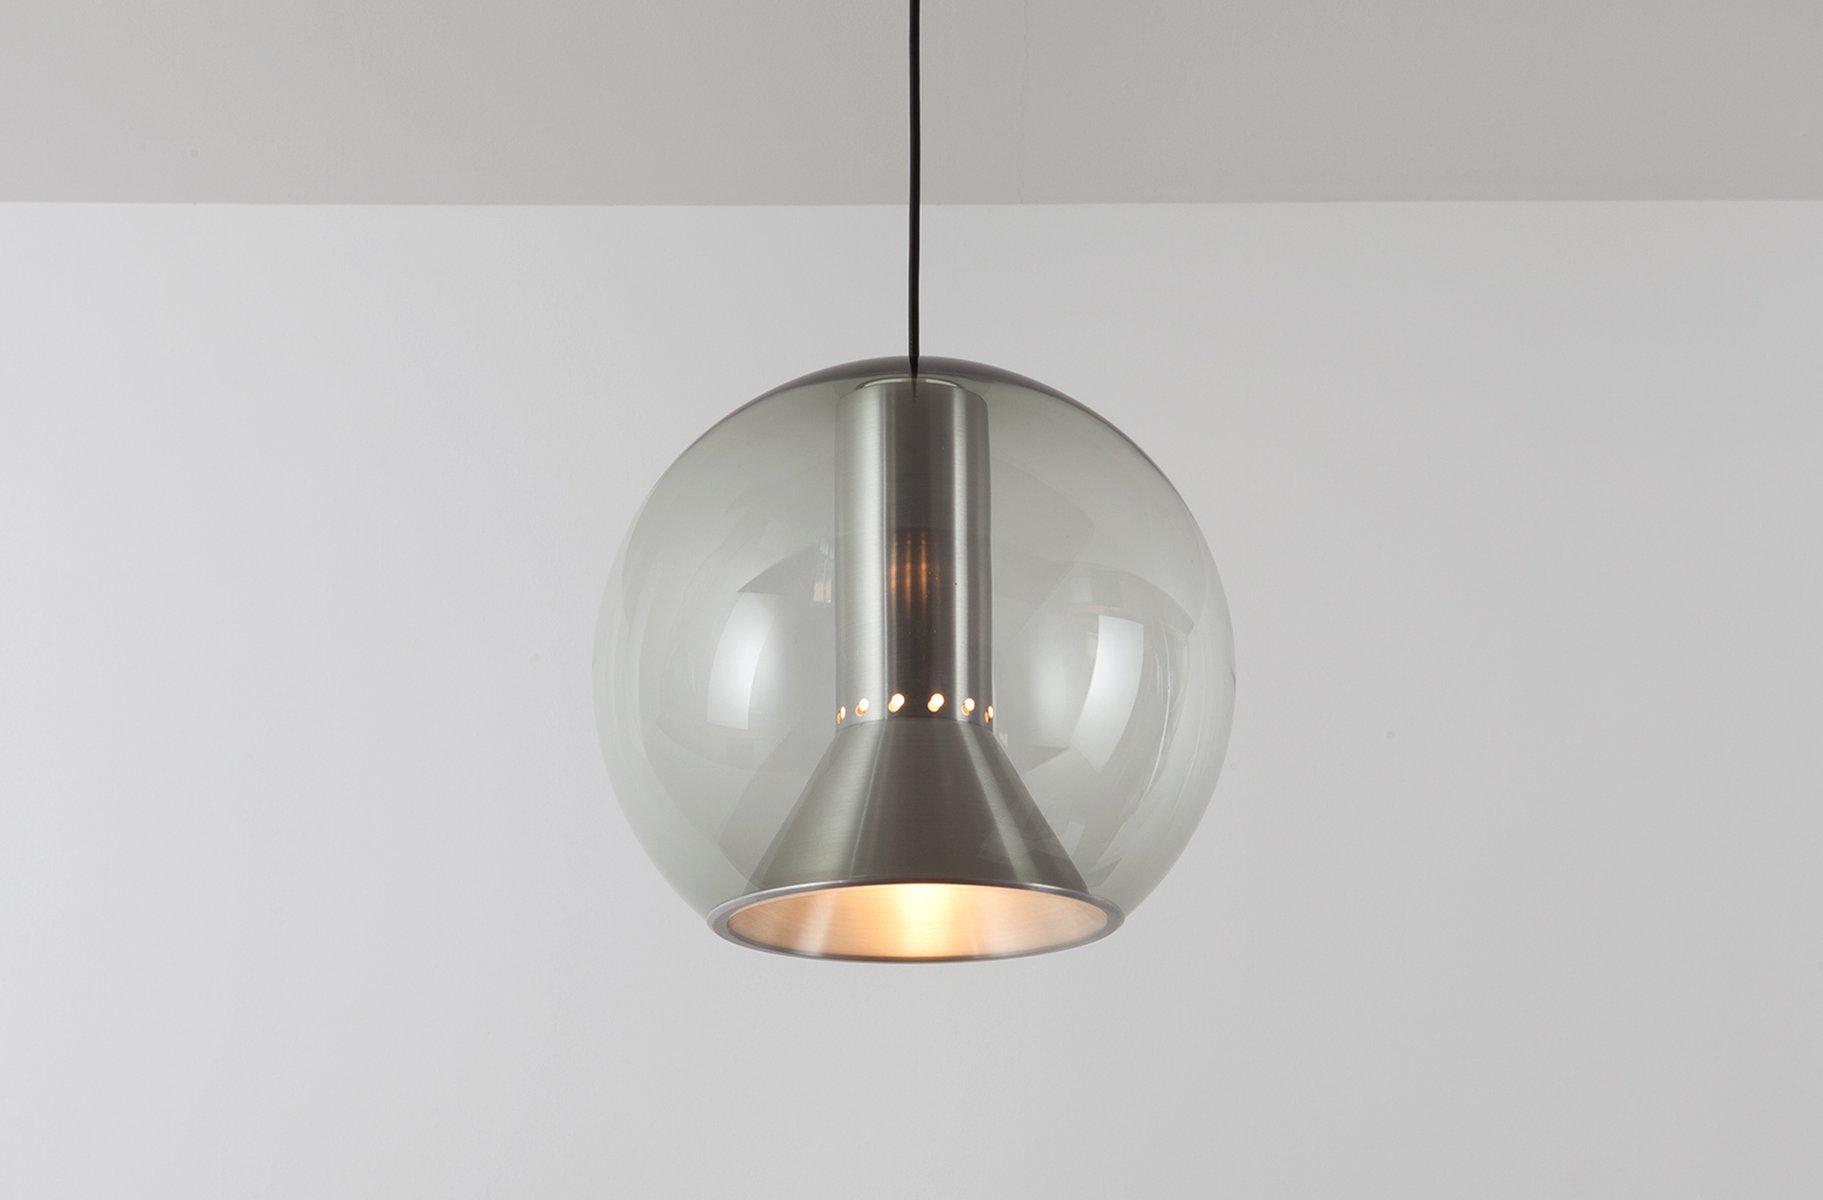 b glaskugel h ngelampe von frank ligtelijn f r. Black Bedroom Furniture Sets. Home Design Ideas